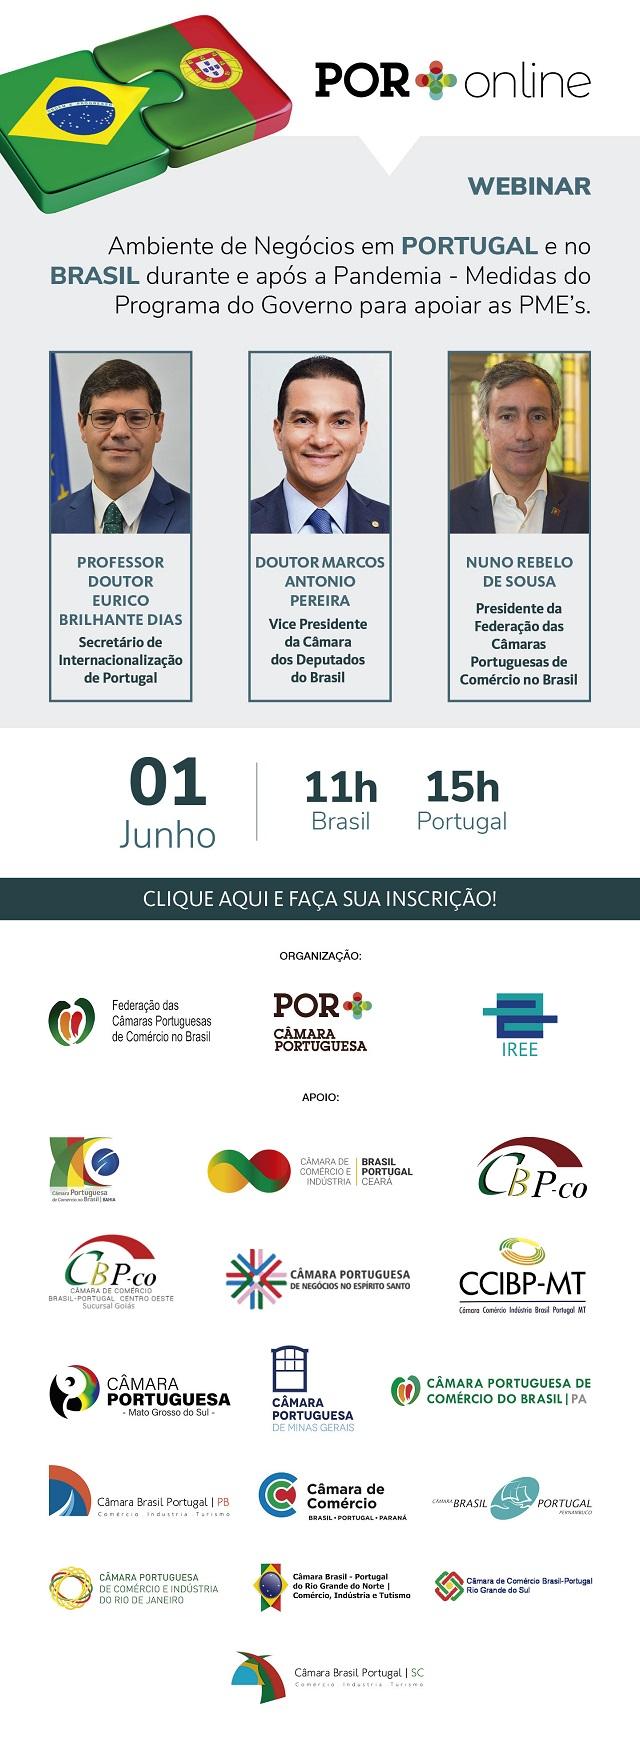 FEDERACAO DAS CAMARAS - Ambiente de Negócios em Portugal_640_02